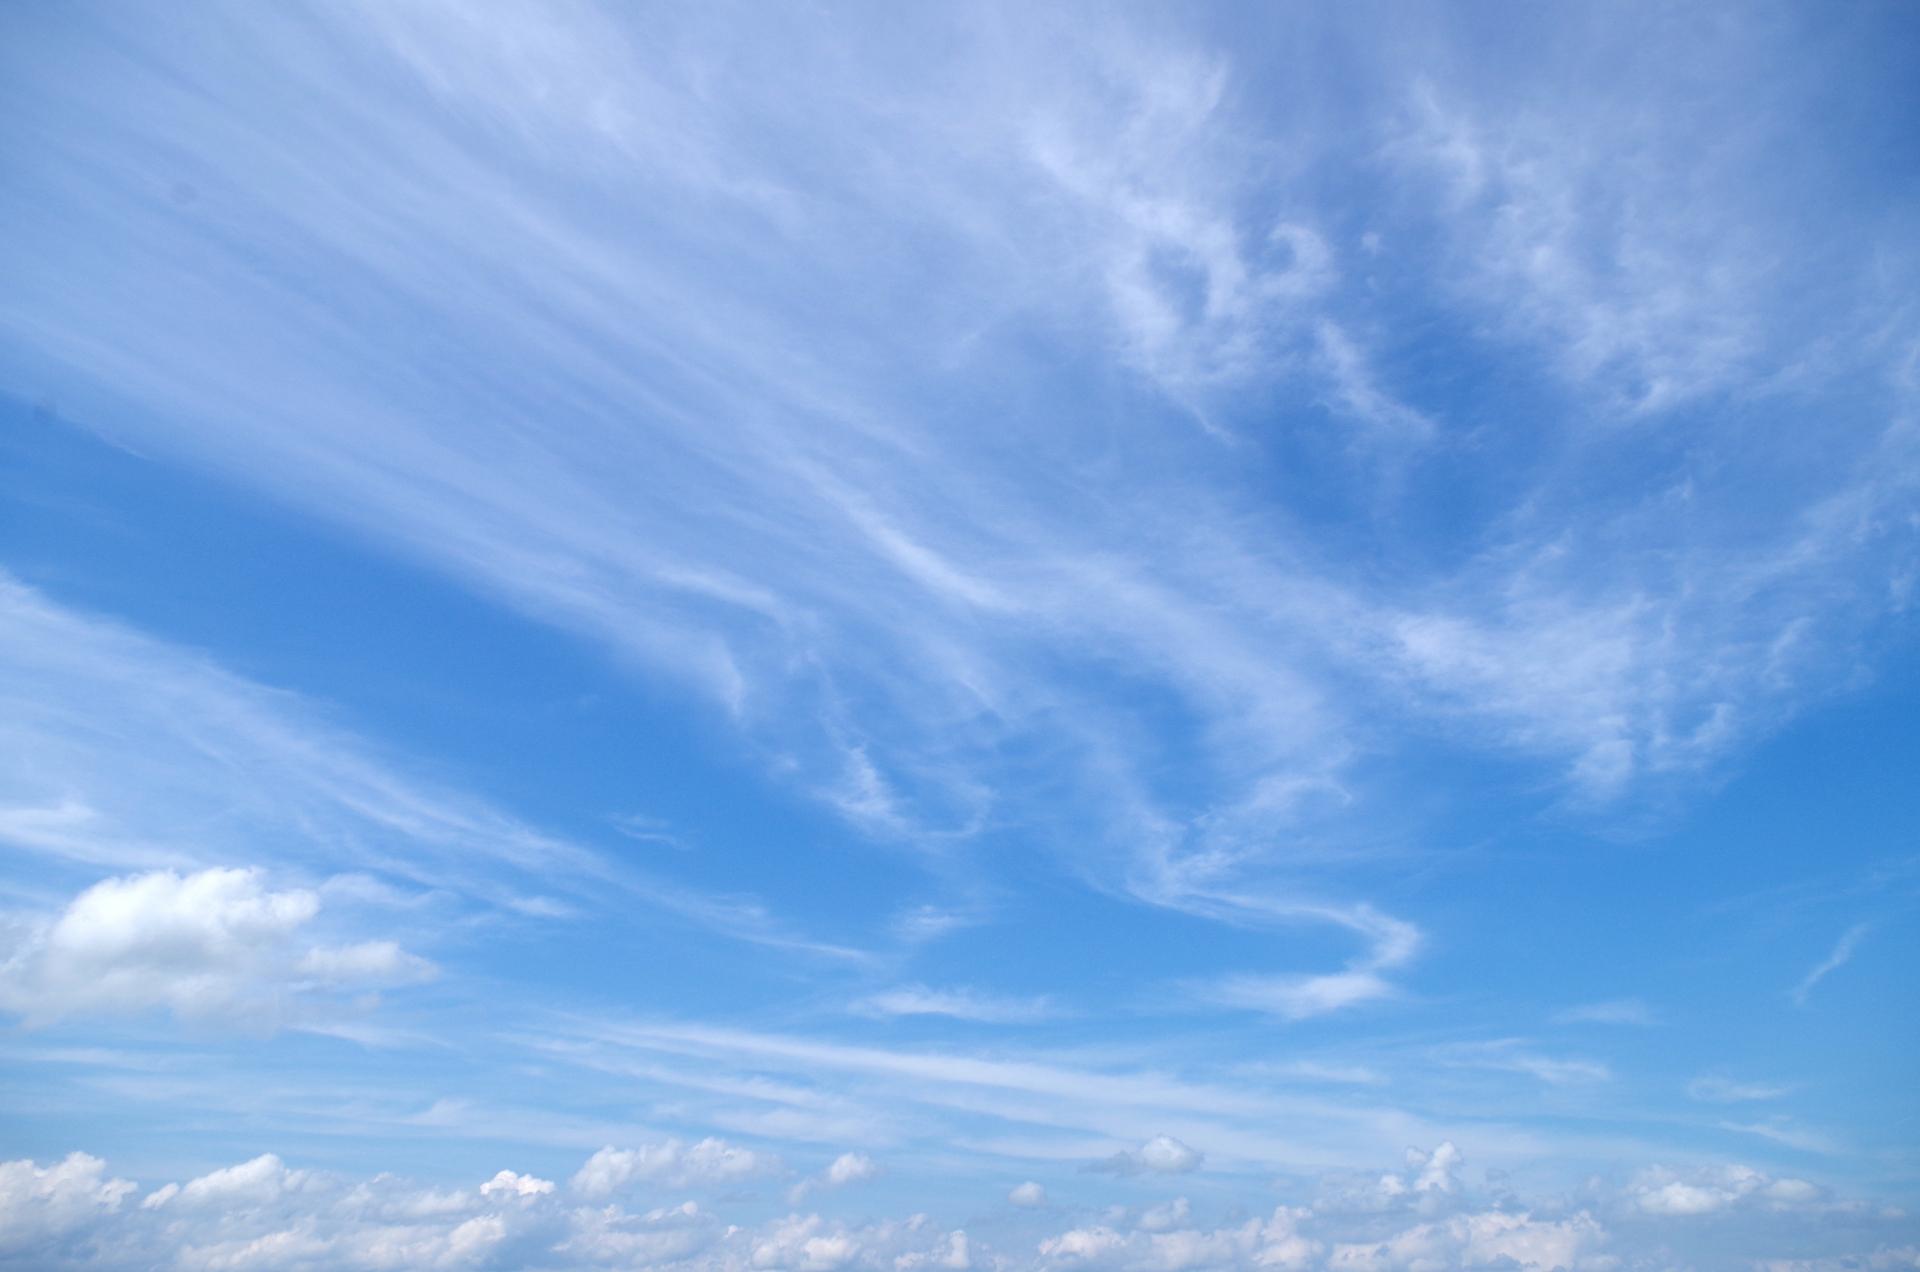 なぜ、すじ雲は、規則的に並んで...